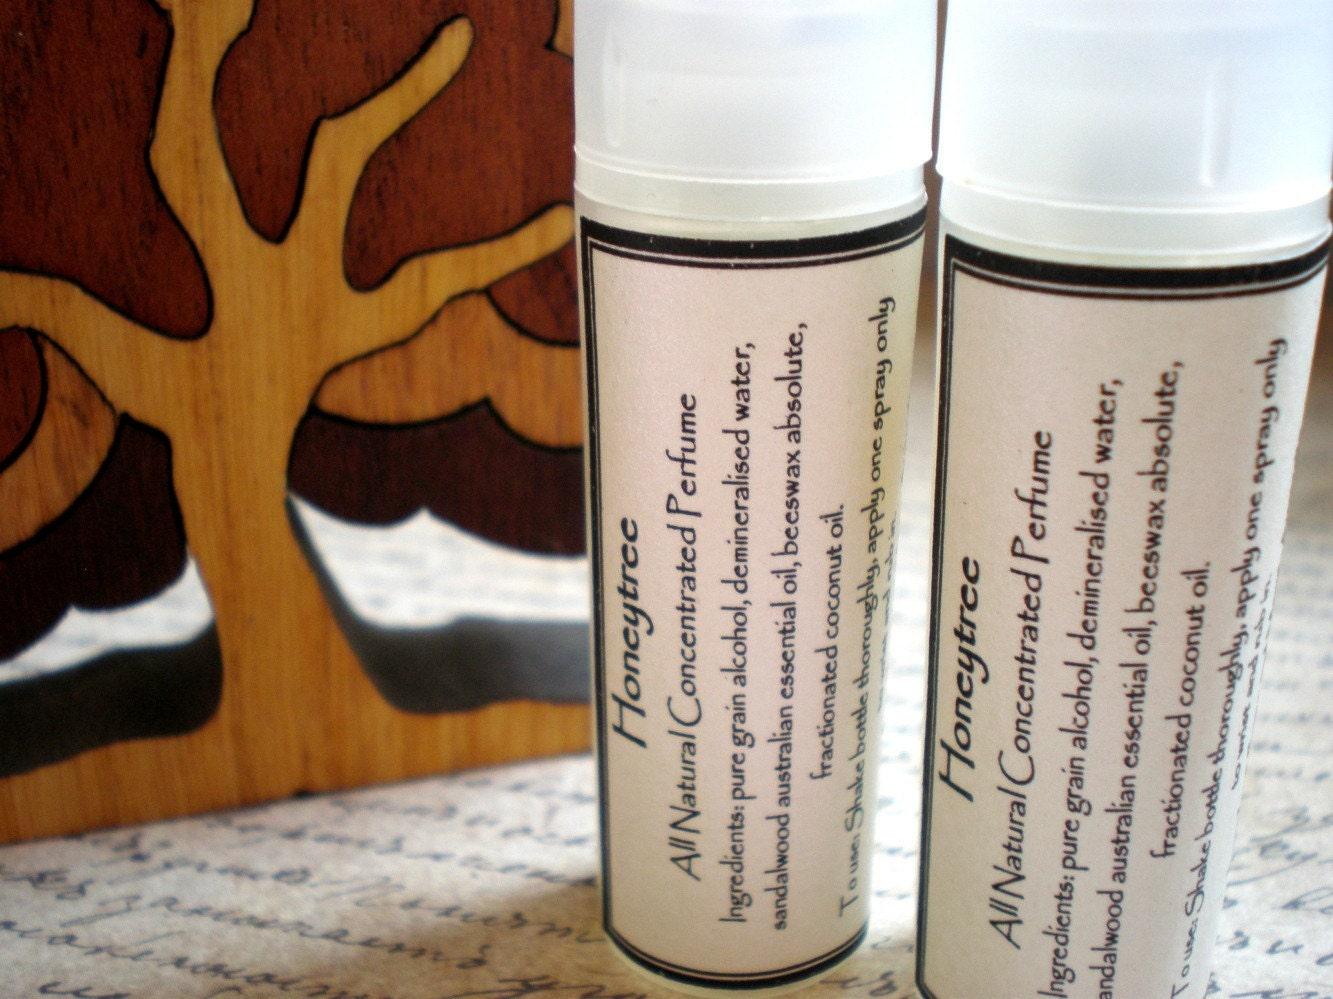 Honeytree - All Natural Perfume